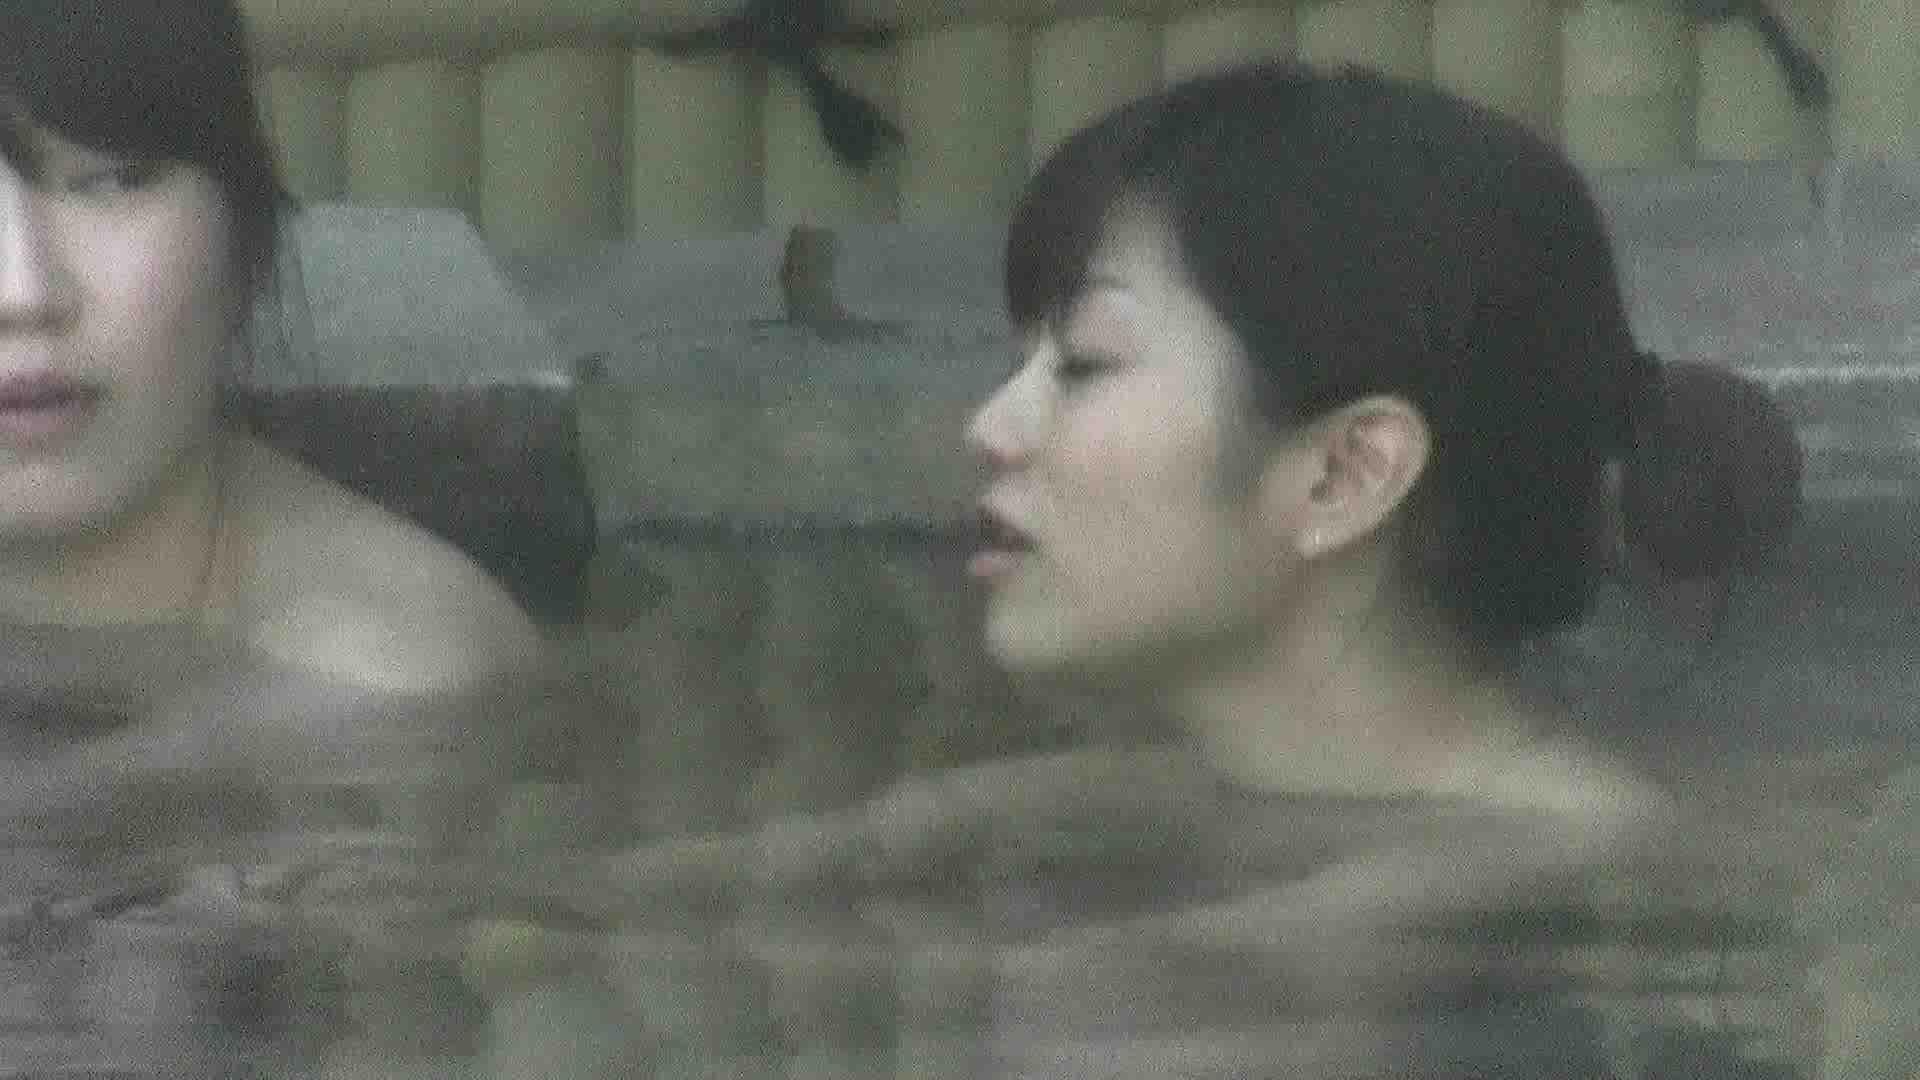 Aquaな露天風呂Vol.206 OLのエロ生活  87連発 27